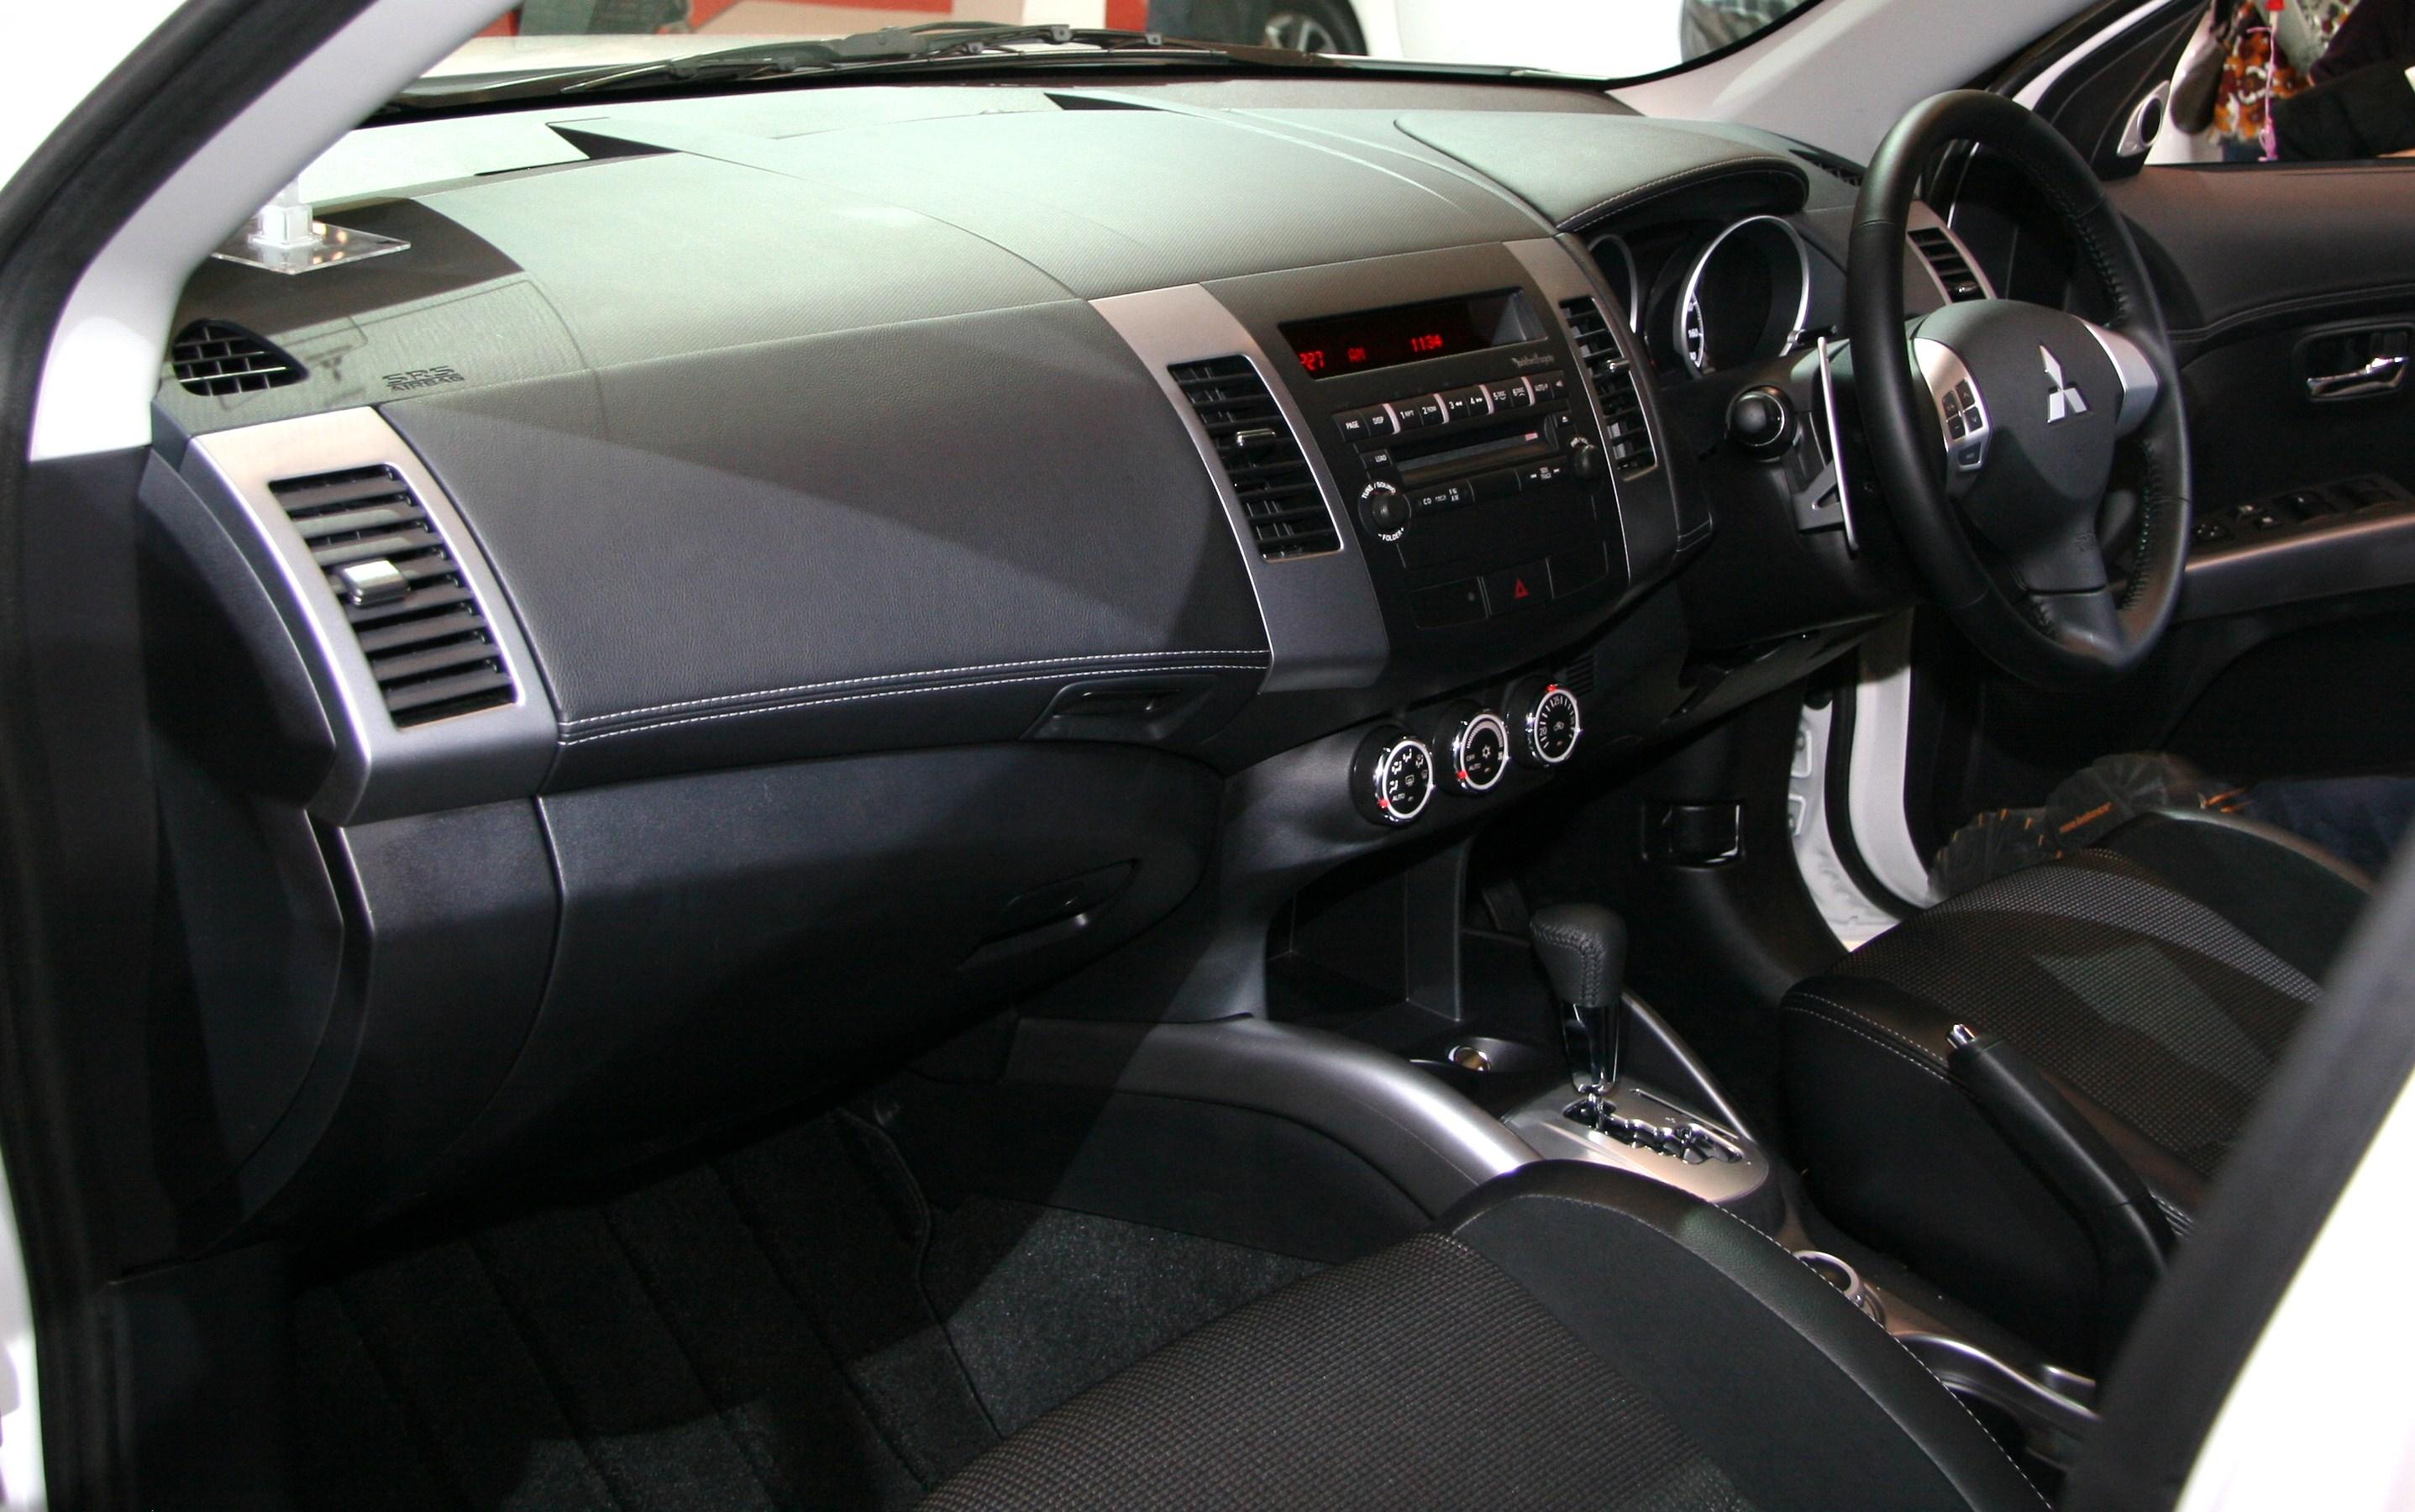 File:Mitsubishi Outlander Roadest Interior